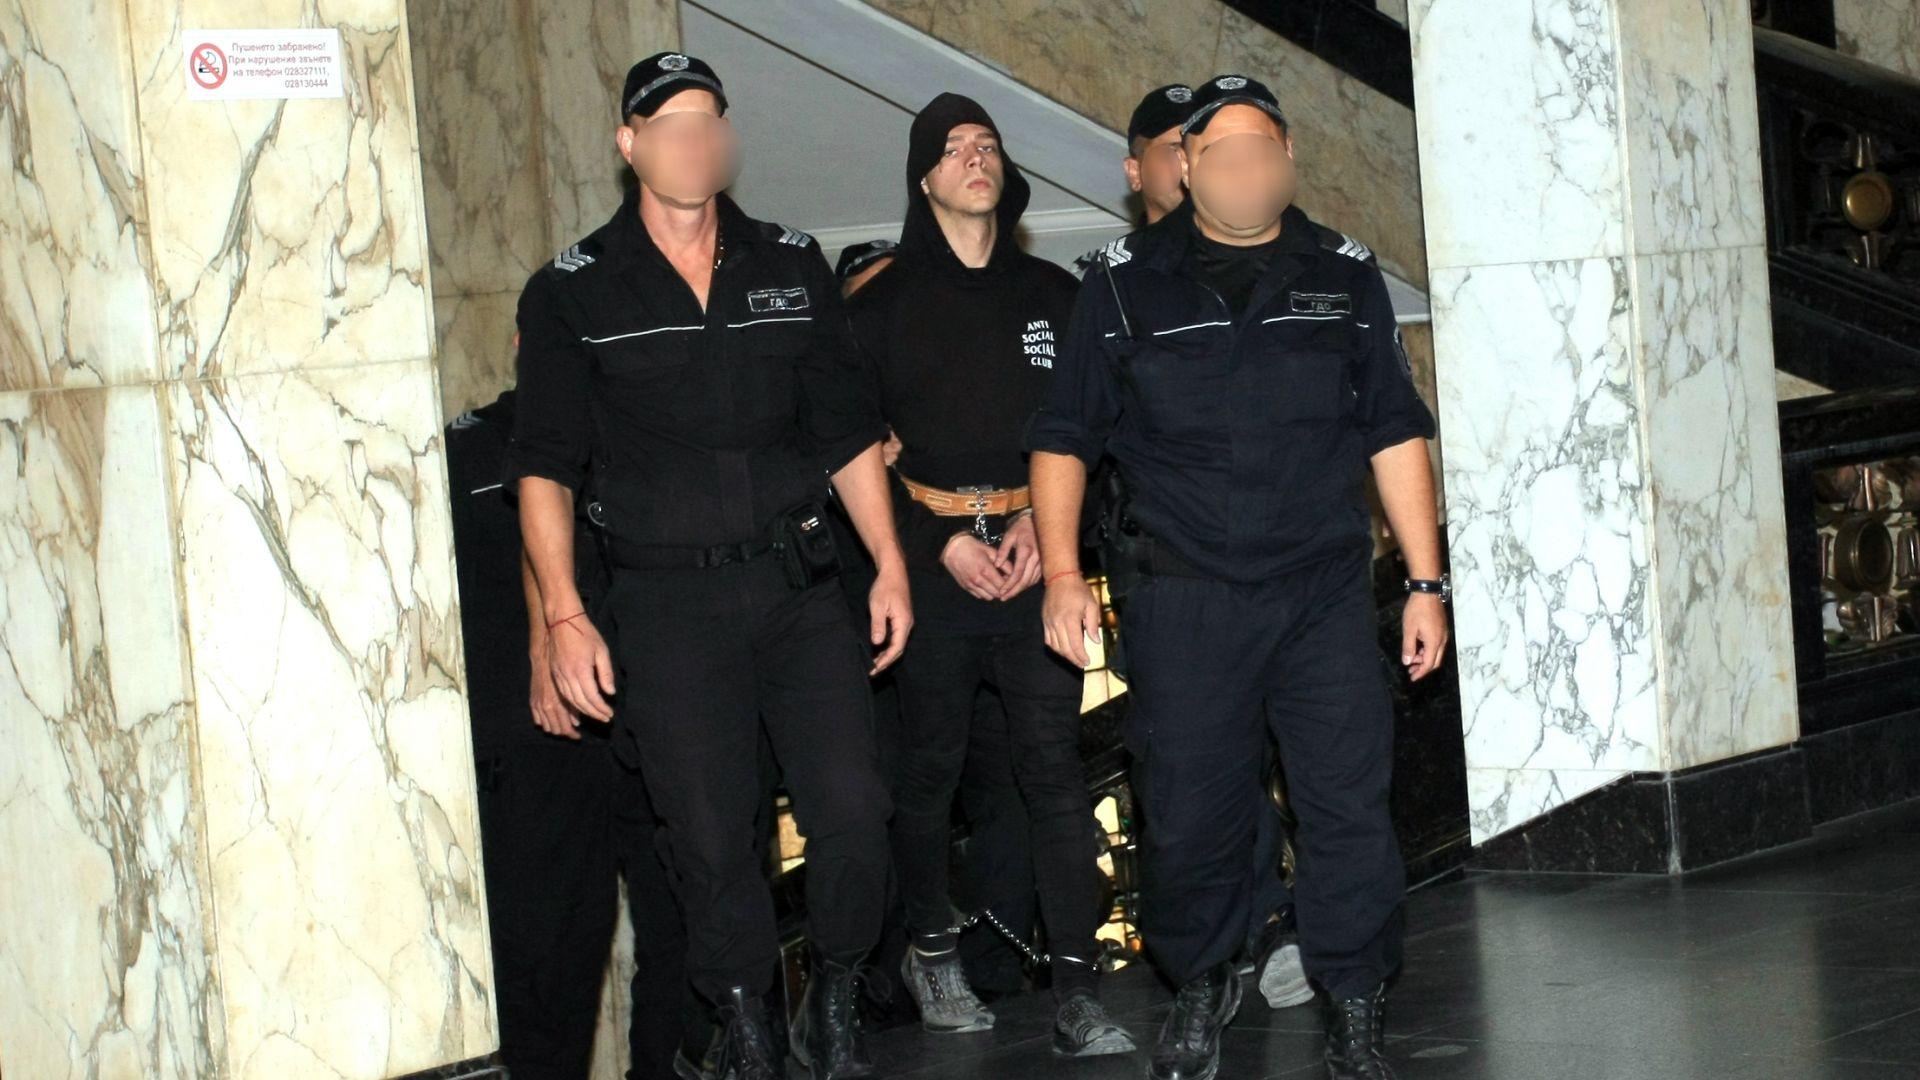 21-годишният Христо Бръзицов, който простреля в лицето полицай от столичното